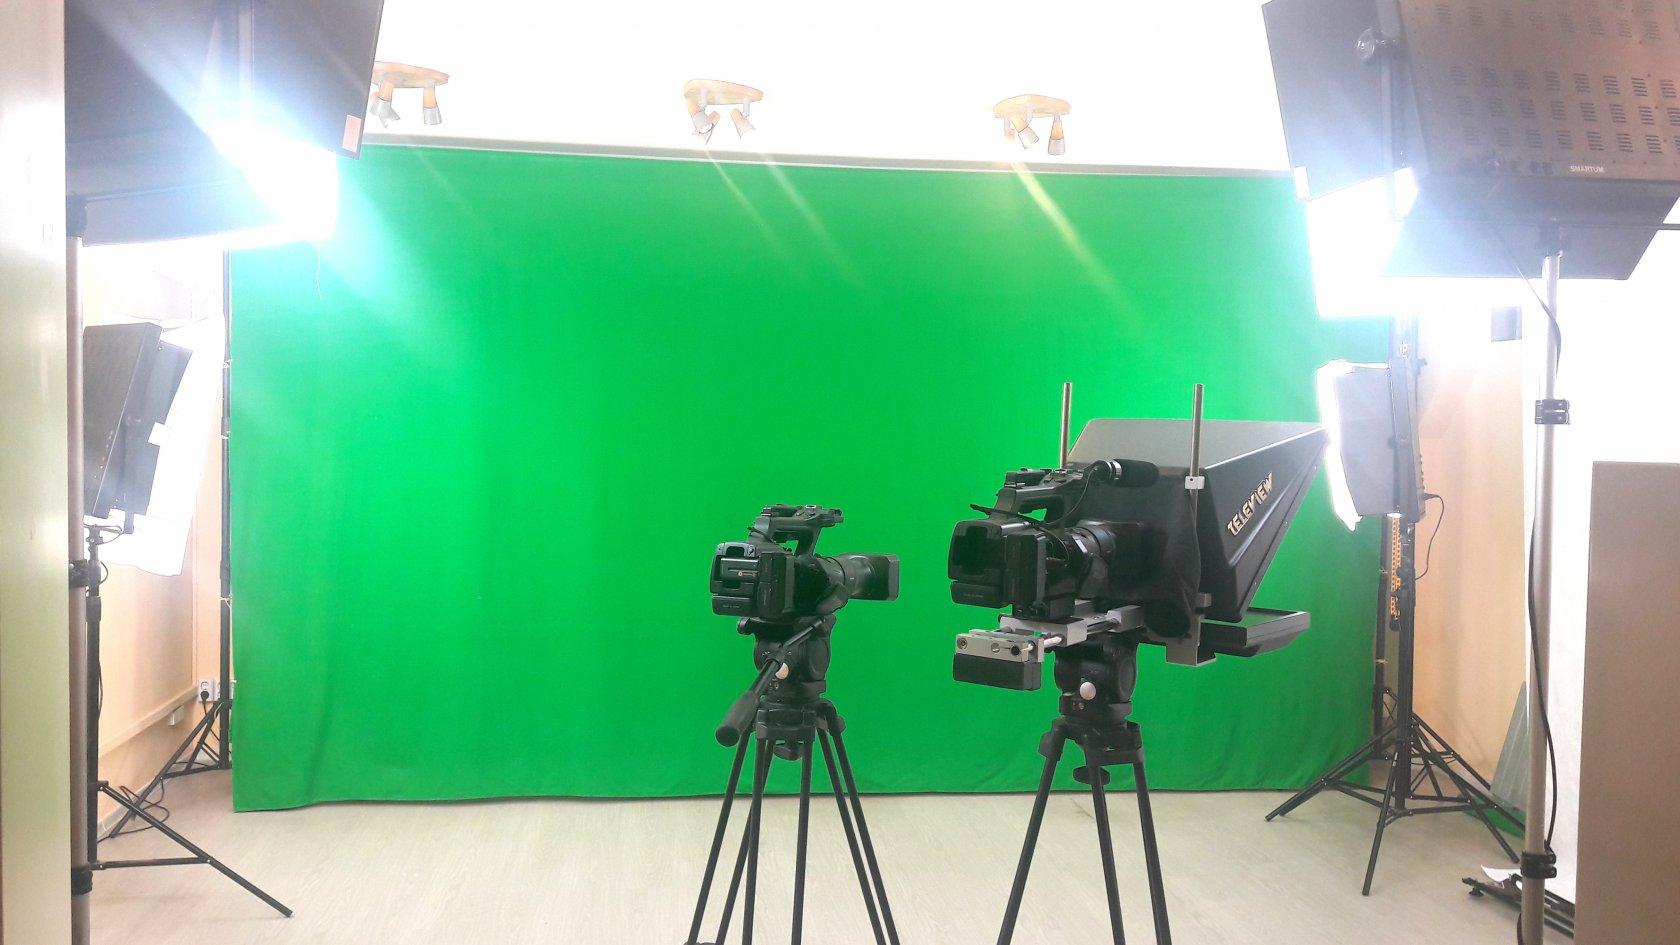 снять фотостудию со студийным зеленым фоном нас меде психиатрию